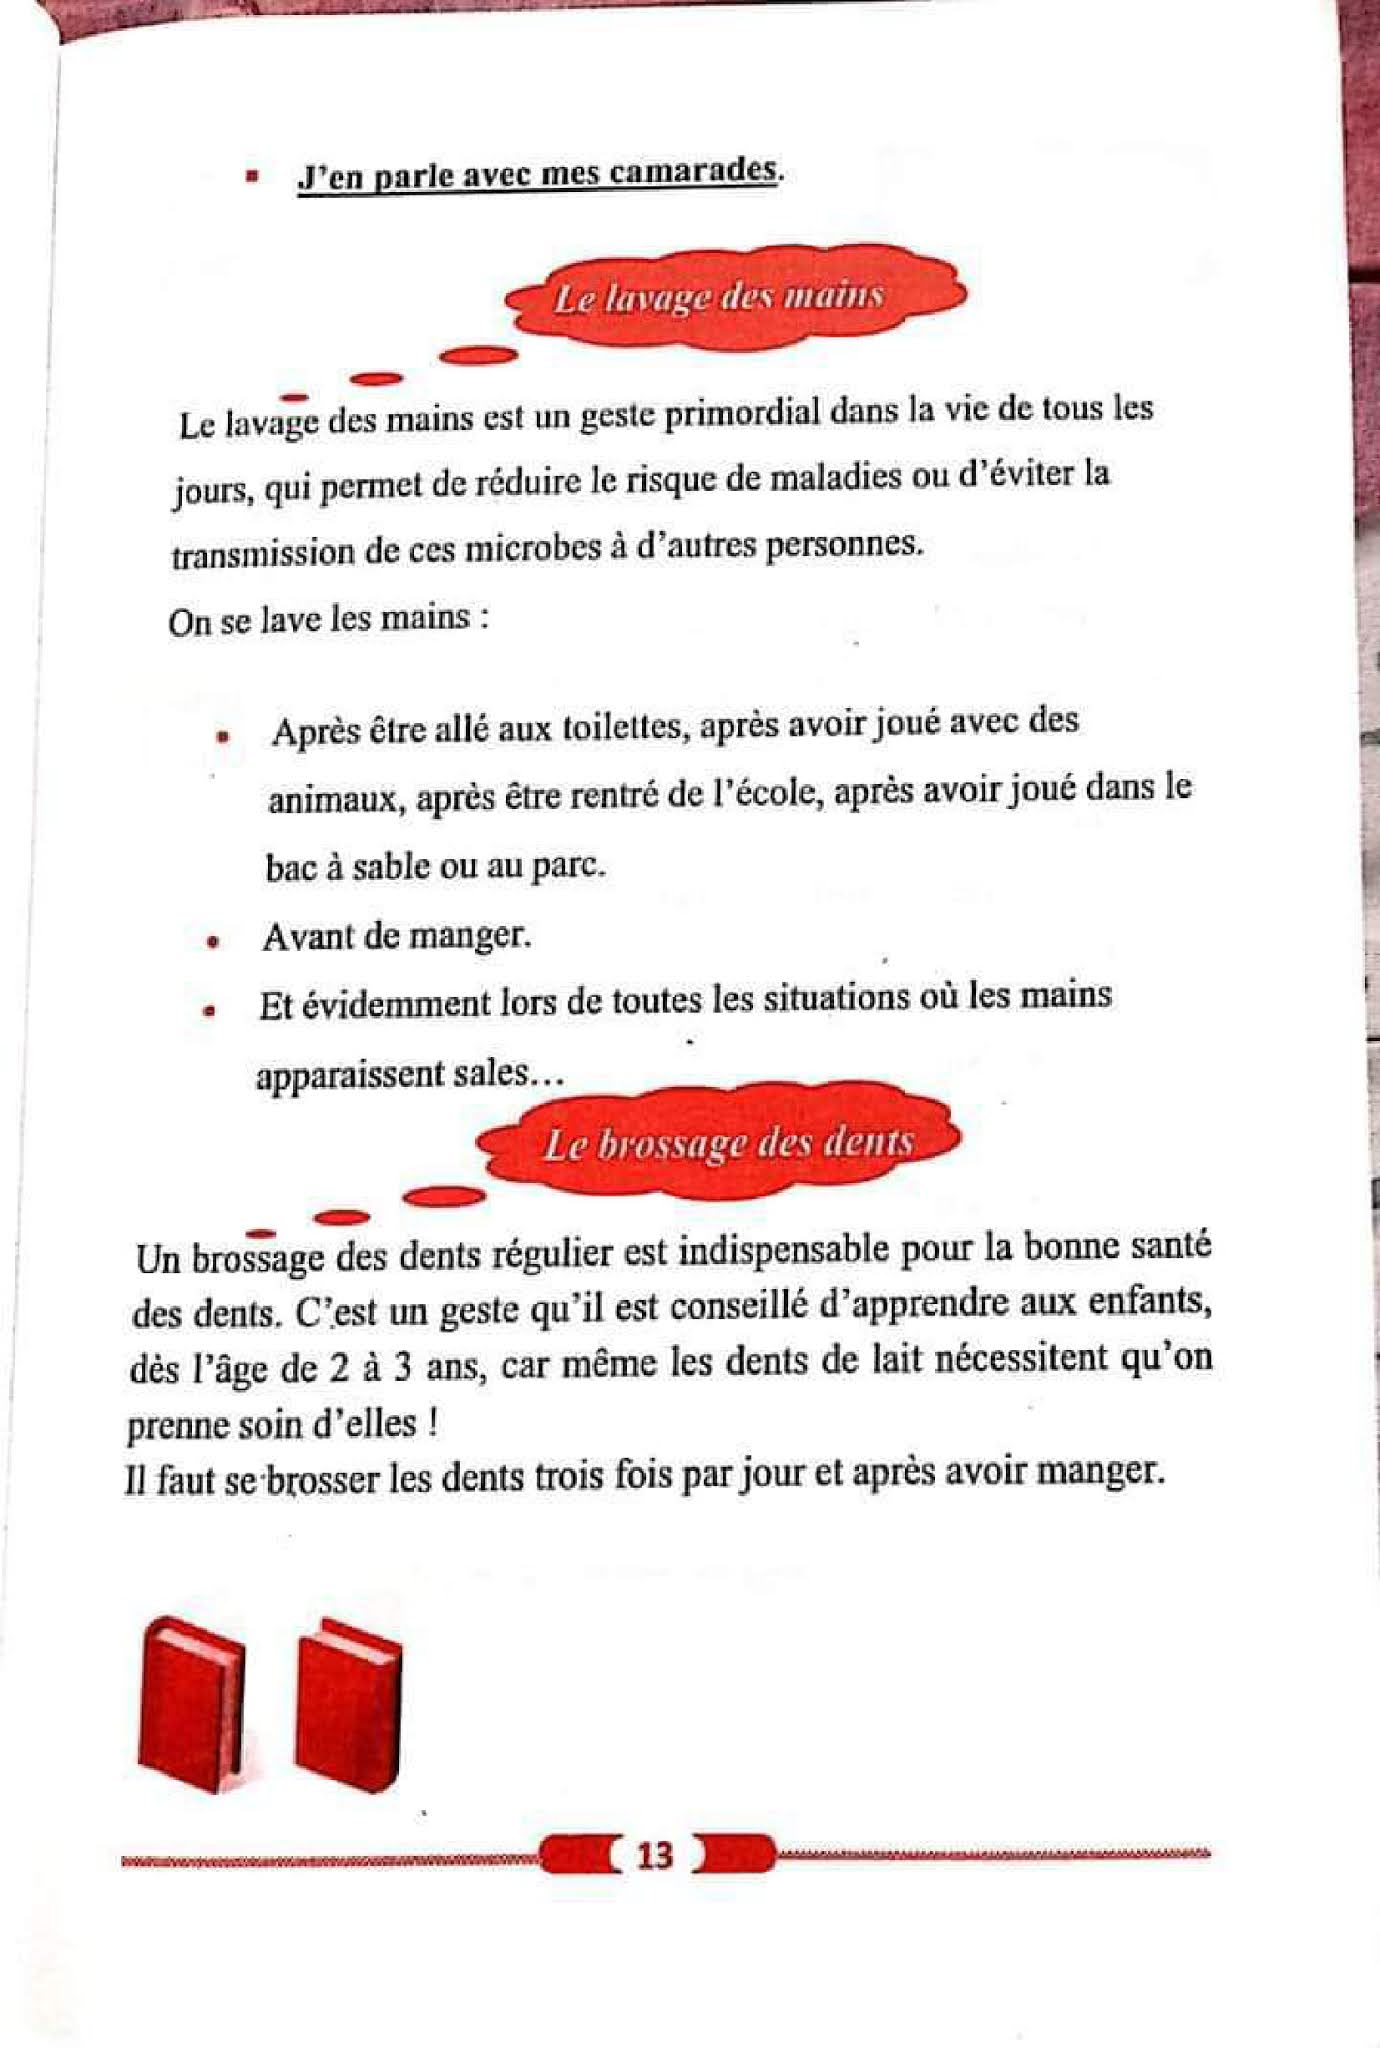 حل تمارين صفحة 15 الفرنسية للسنة الأولى متوسط الجيل الثاني | موقع التعليم  الجزائري - Dzetude